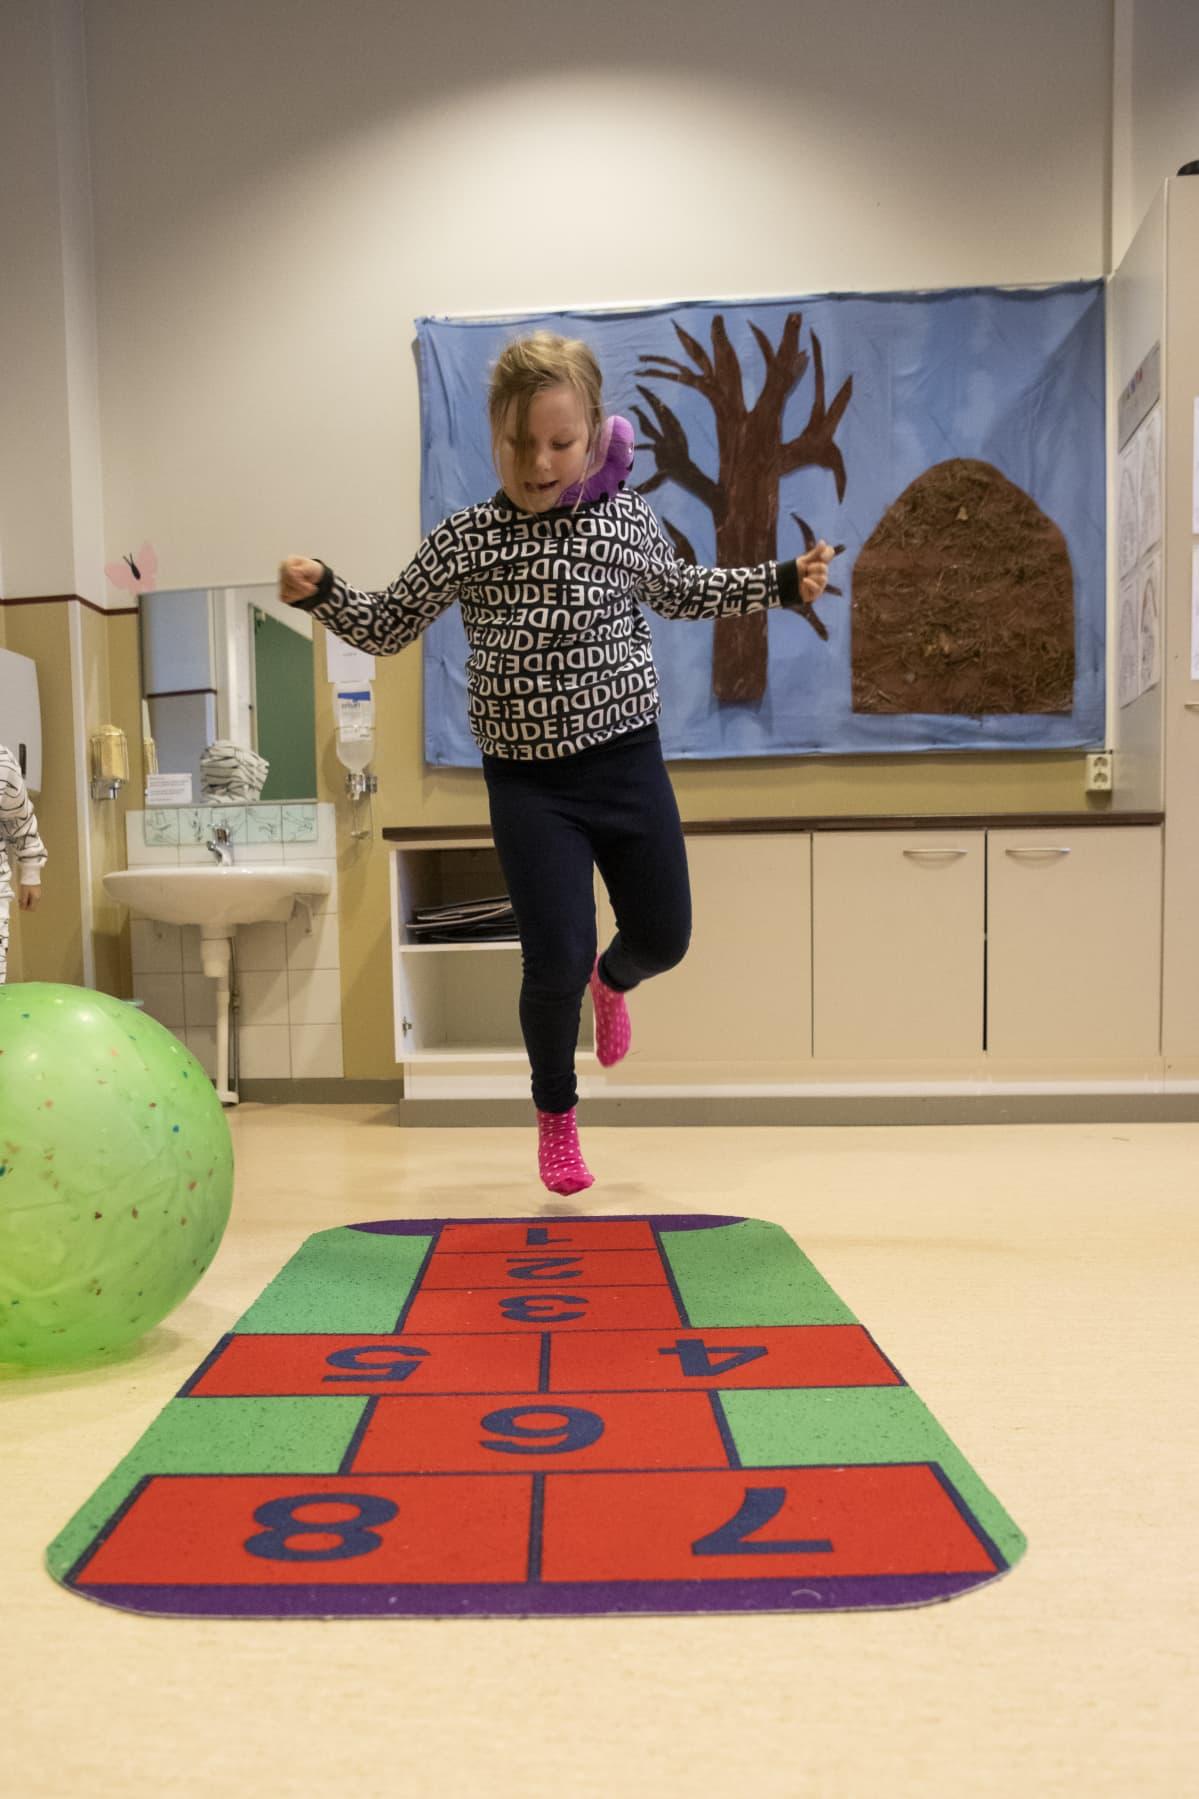 Lapsi hyppimässä ruutua päiväkodin leikkihuoneessa.